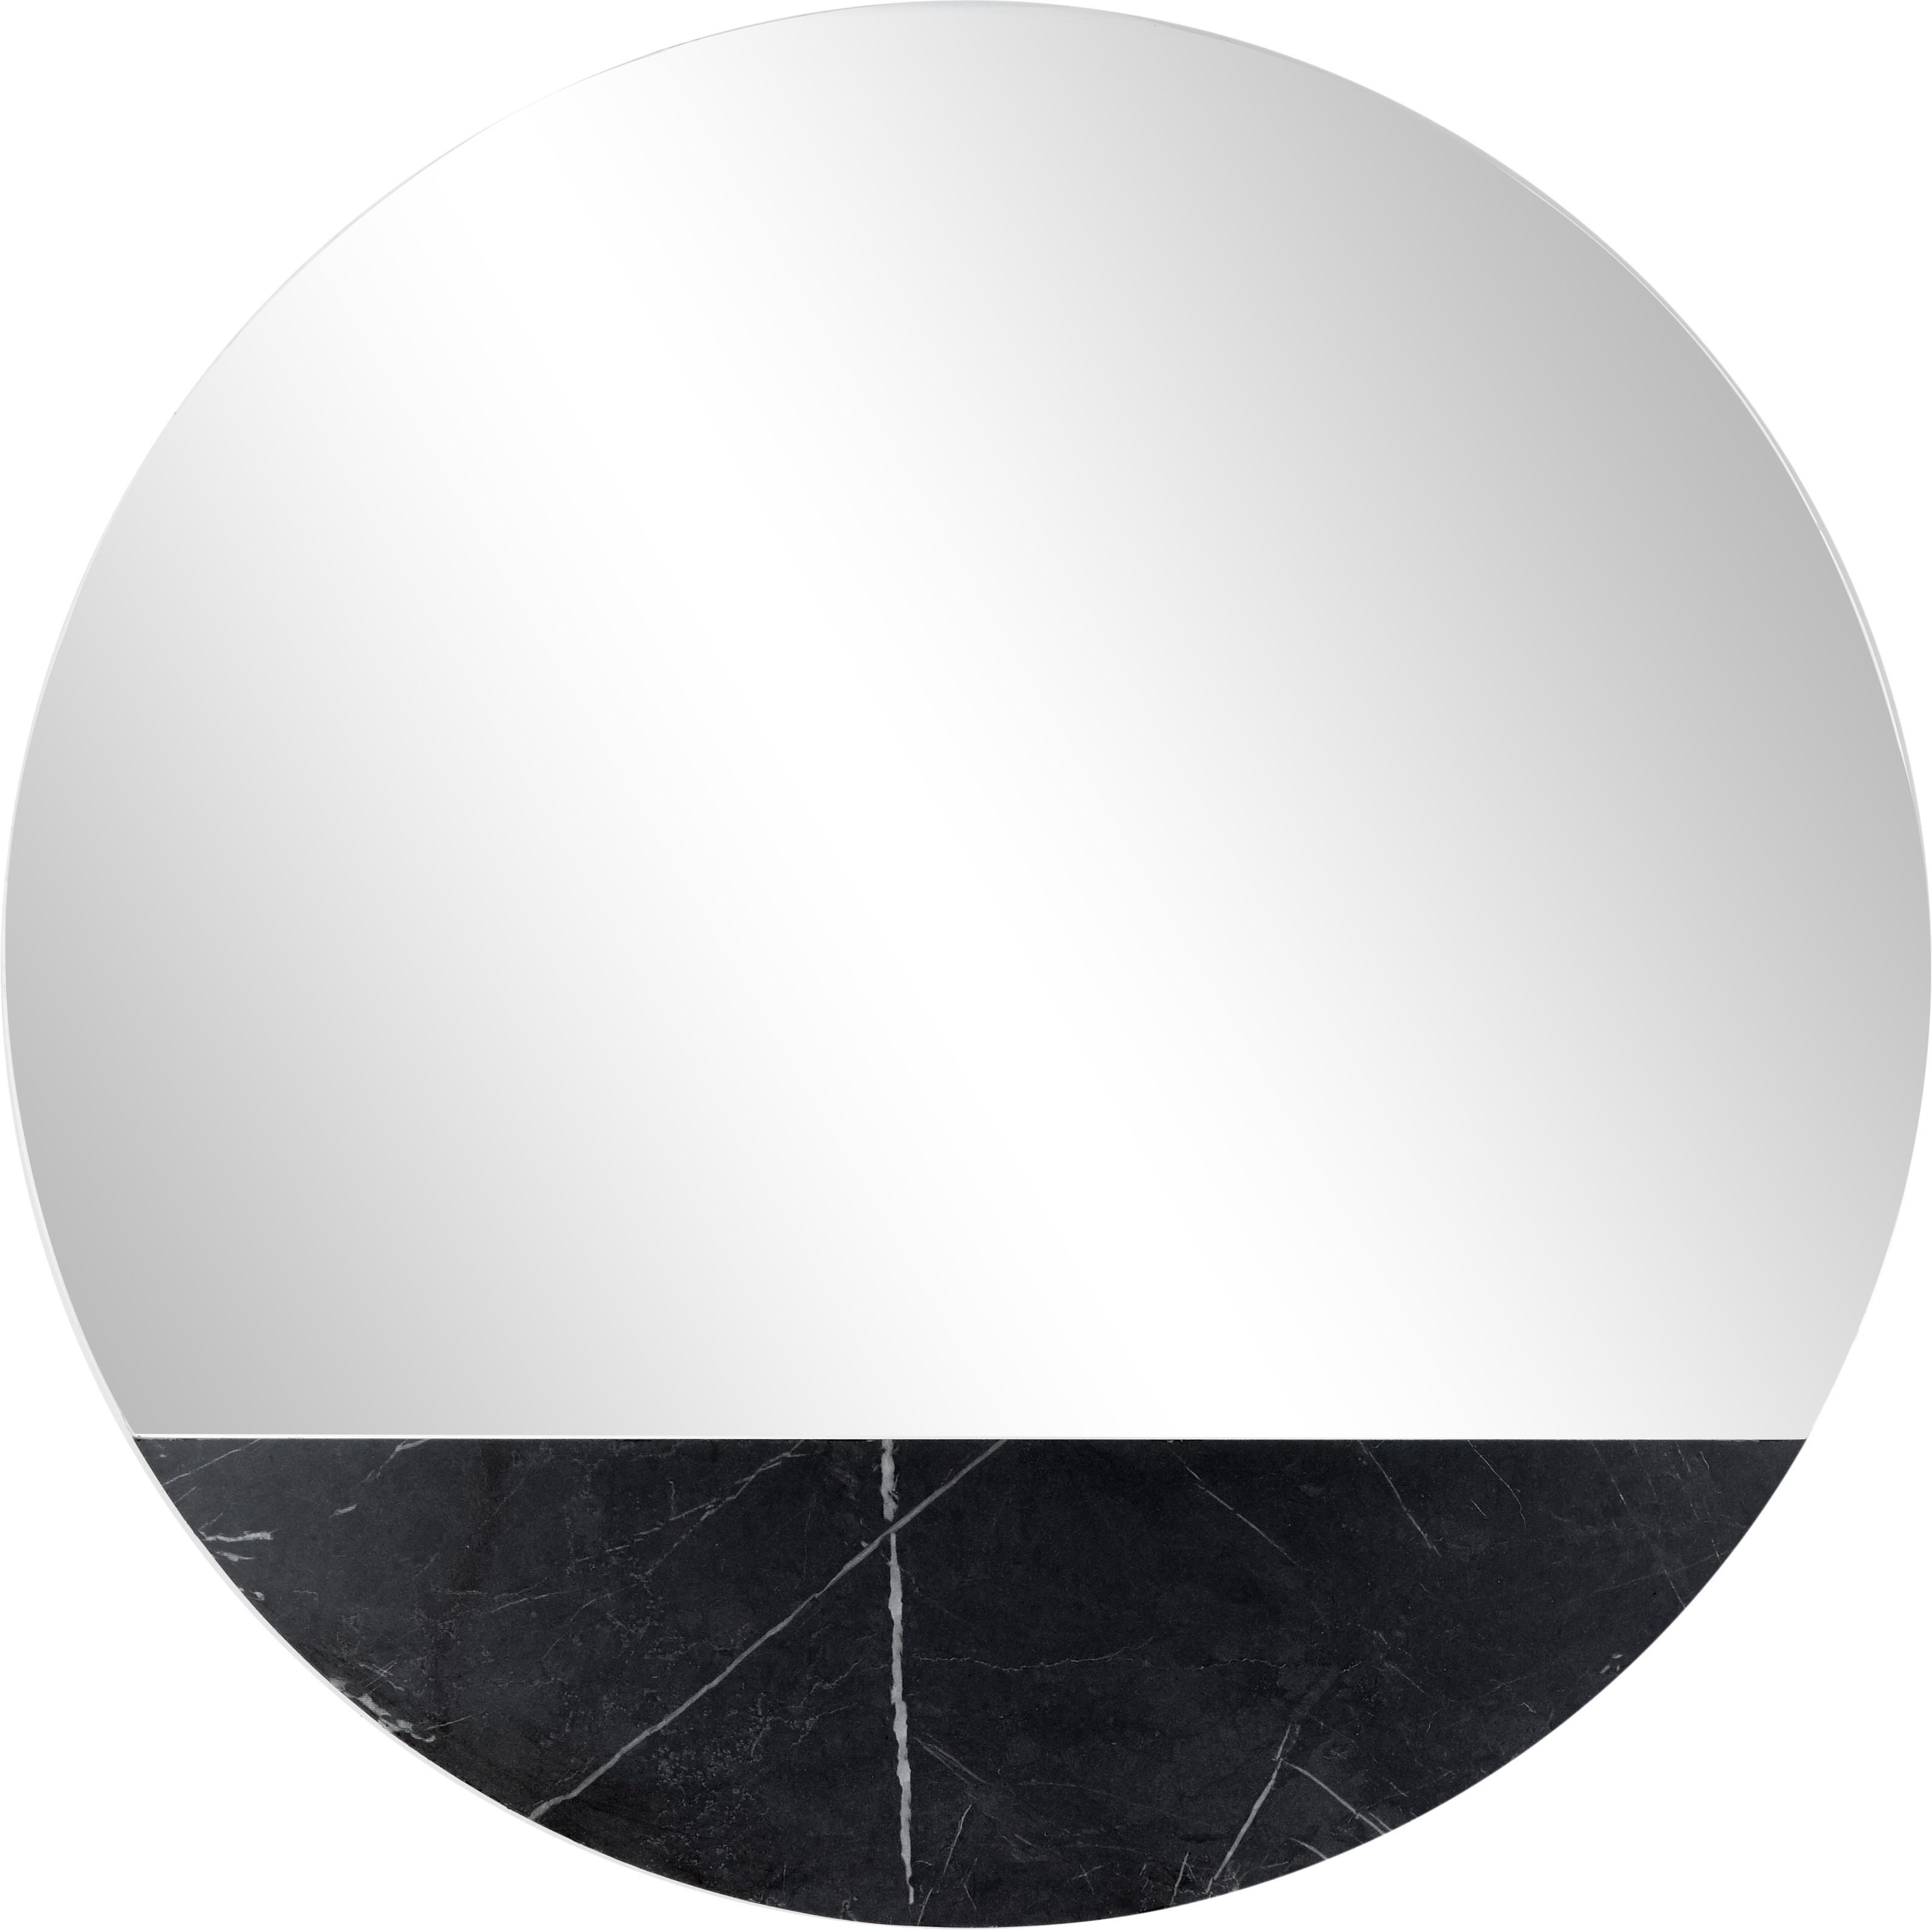 Runder Wandspiegel Stockholm in Marmoroptik, Rahmen: Melamin, Spiegelfläche: Spiegelglas, Rückseite: Mitteldichte Holzfaserpla, Schwarz marmoriert, Ø 60 cm